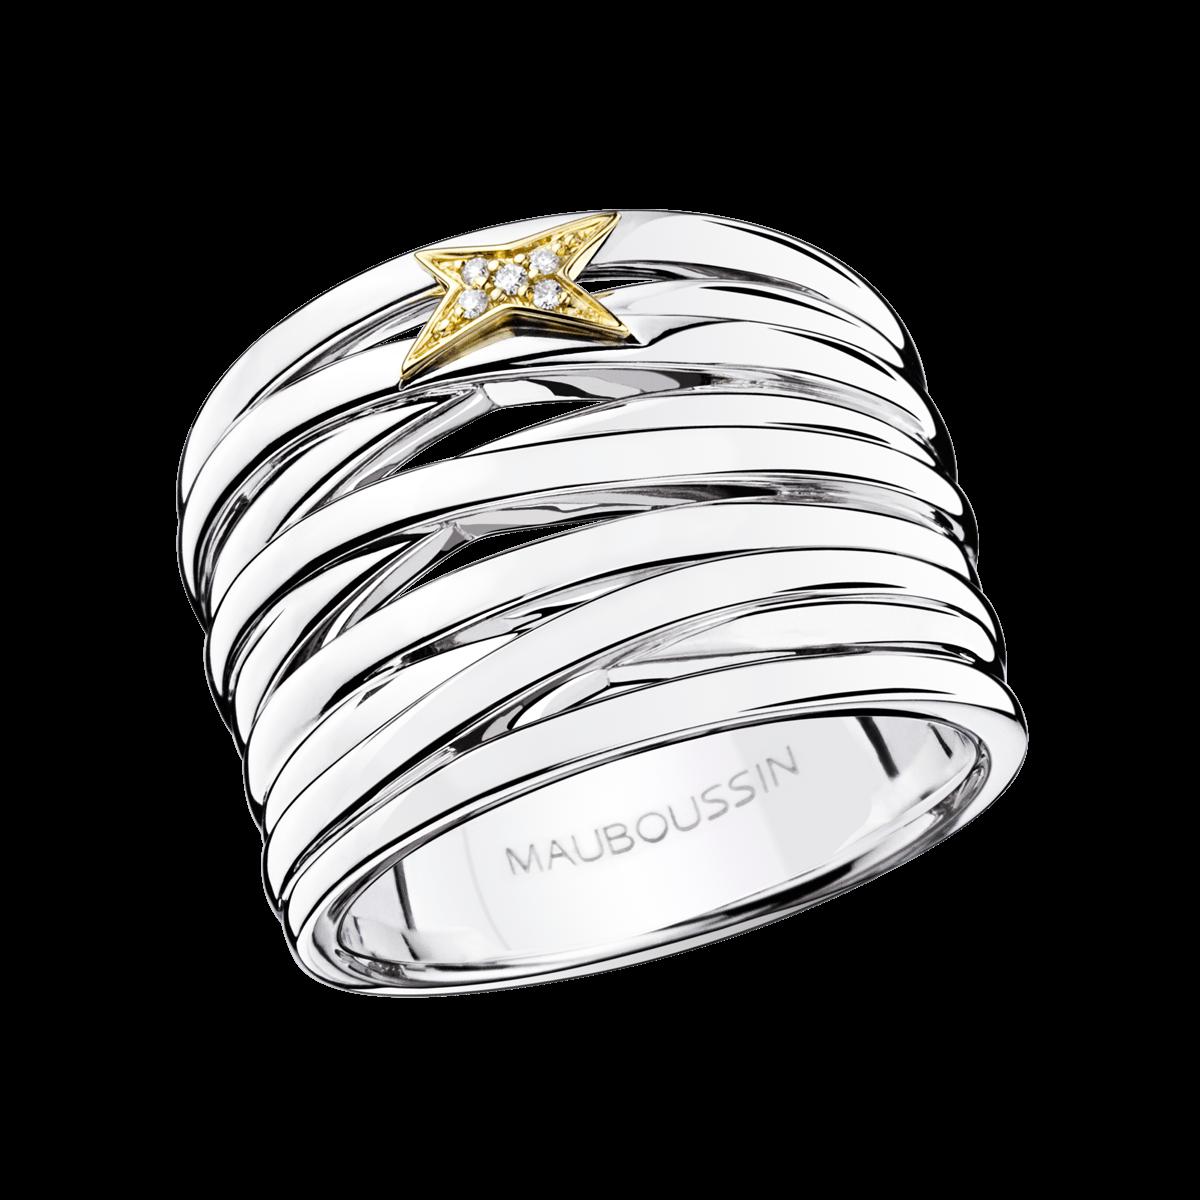 Exceptionnel Bague Kiff & Kiss, argent, or jaune et diamants - Mauboussin  PD17